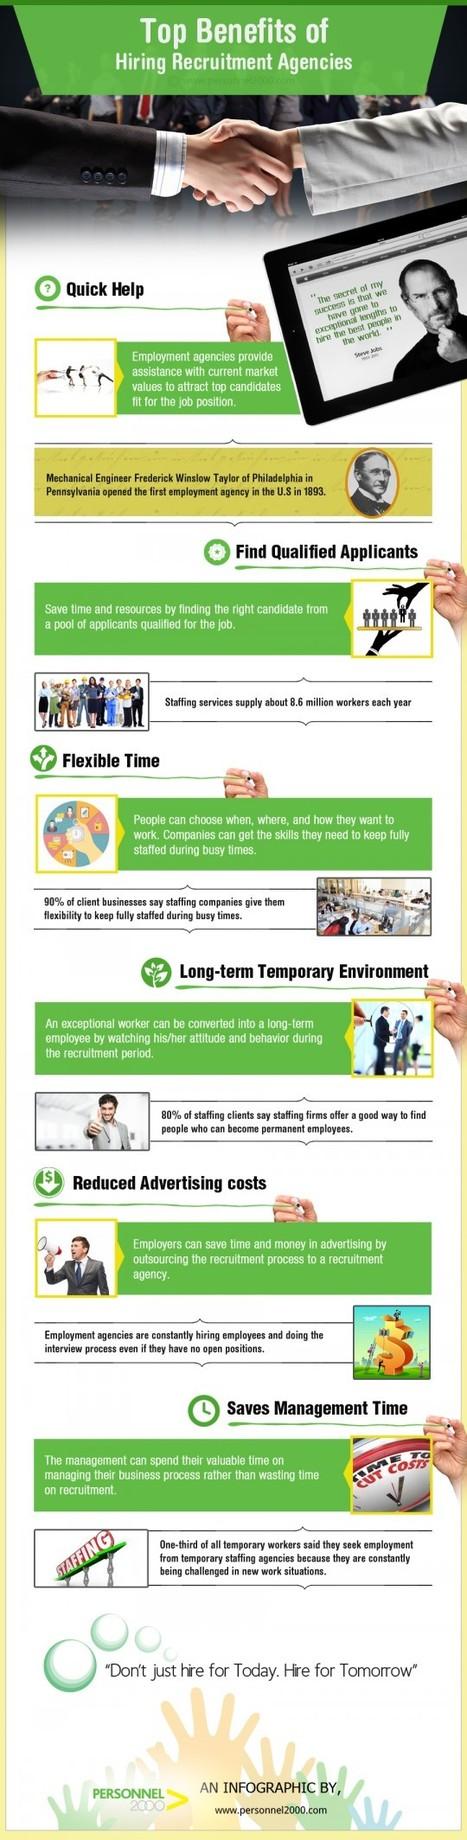 Top Benefits of Hiring Recruitment Agencies | Personnel 2000 | Scoop.it